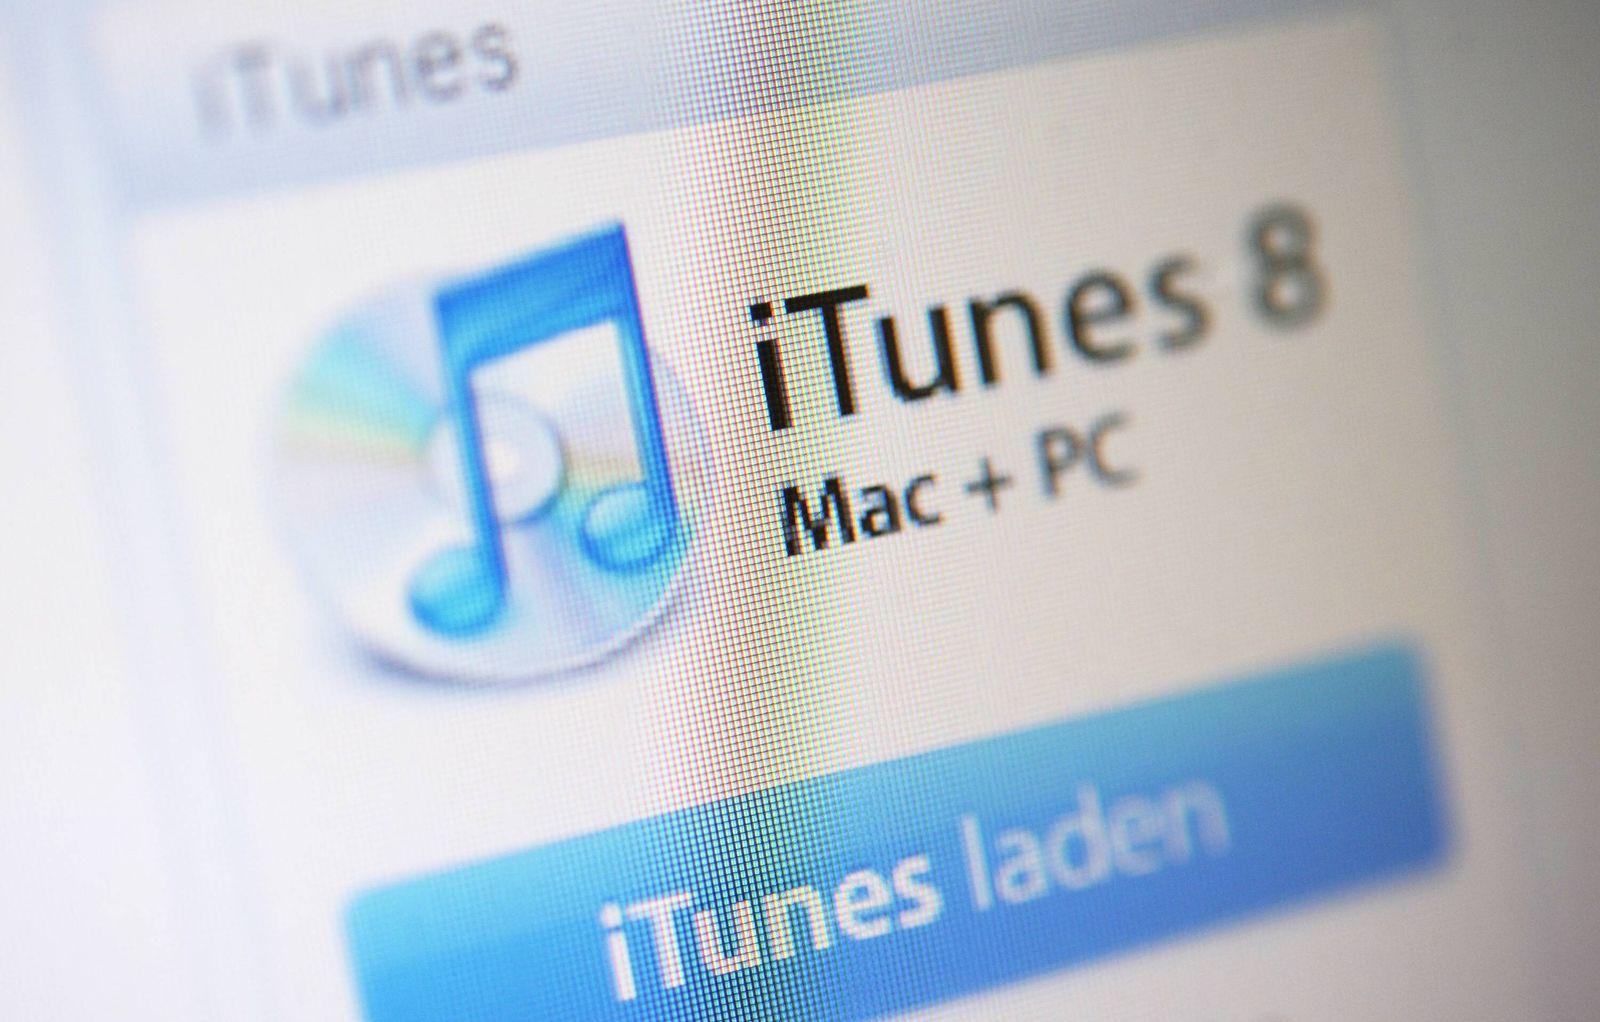 NICHT VERWENDEN Symbolbild iTunes